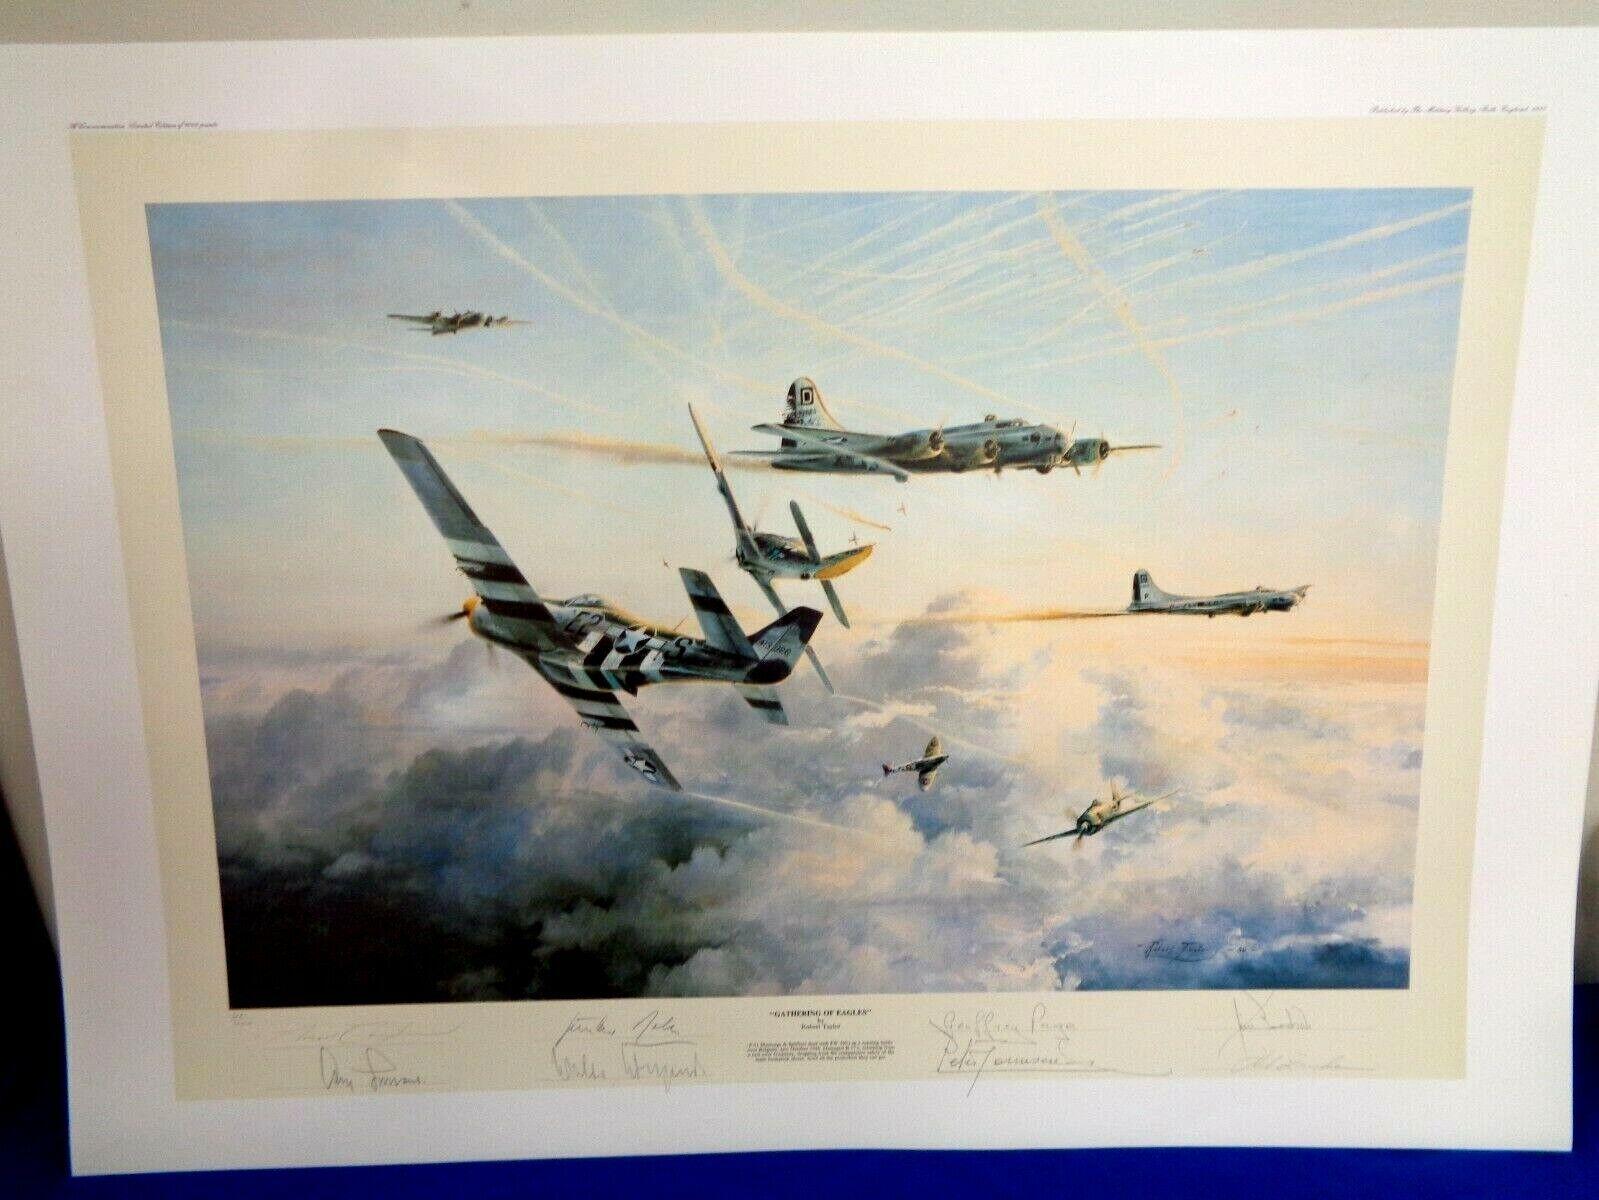 ROBERT TAYLOR ART PRINT - GATHERING OF EAGLES - 8 SIGNATURES W/ COA 681/1000 - $435.00